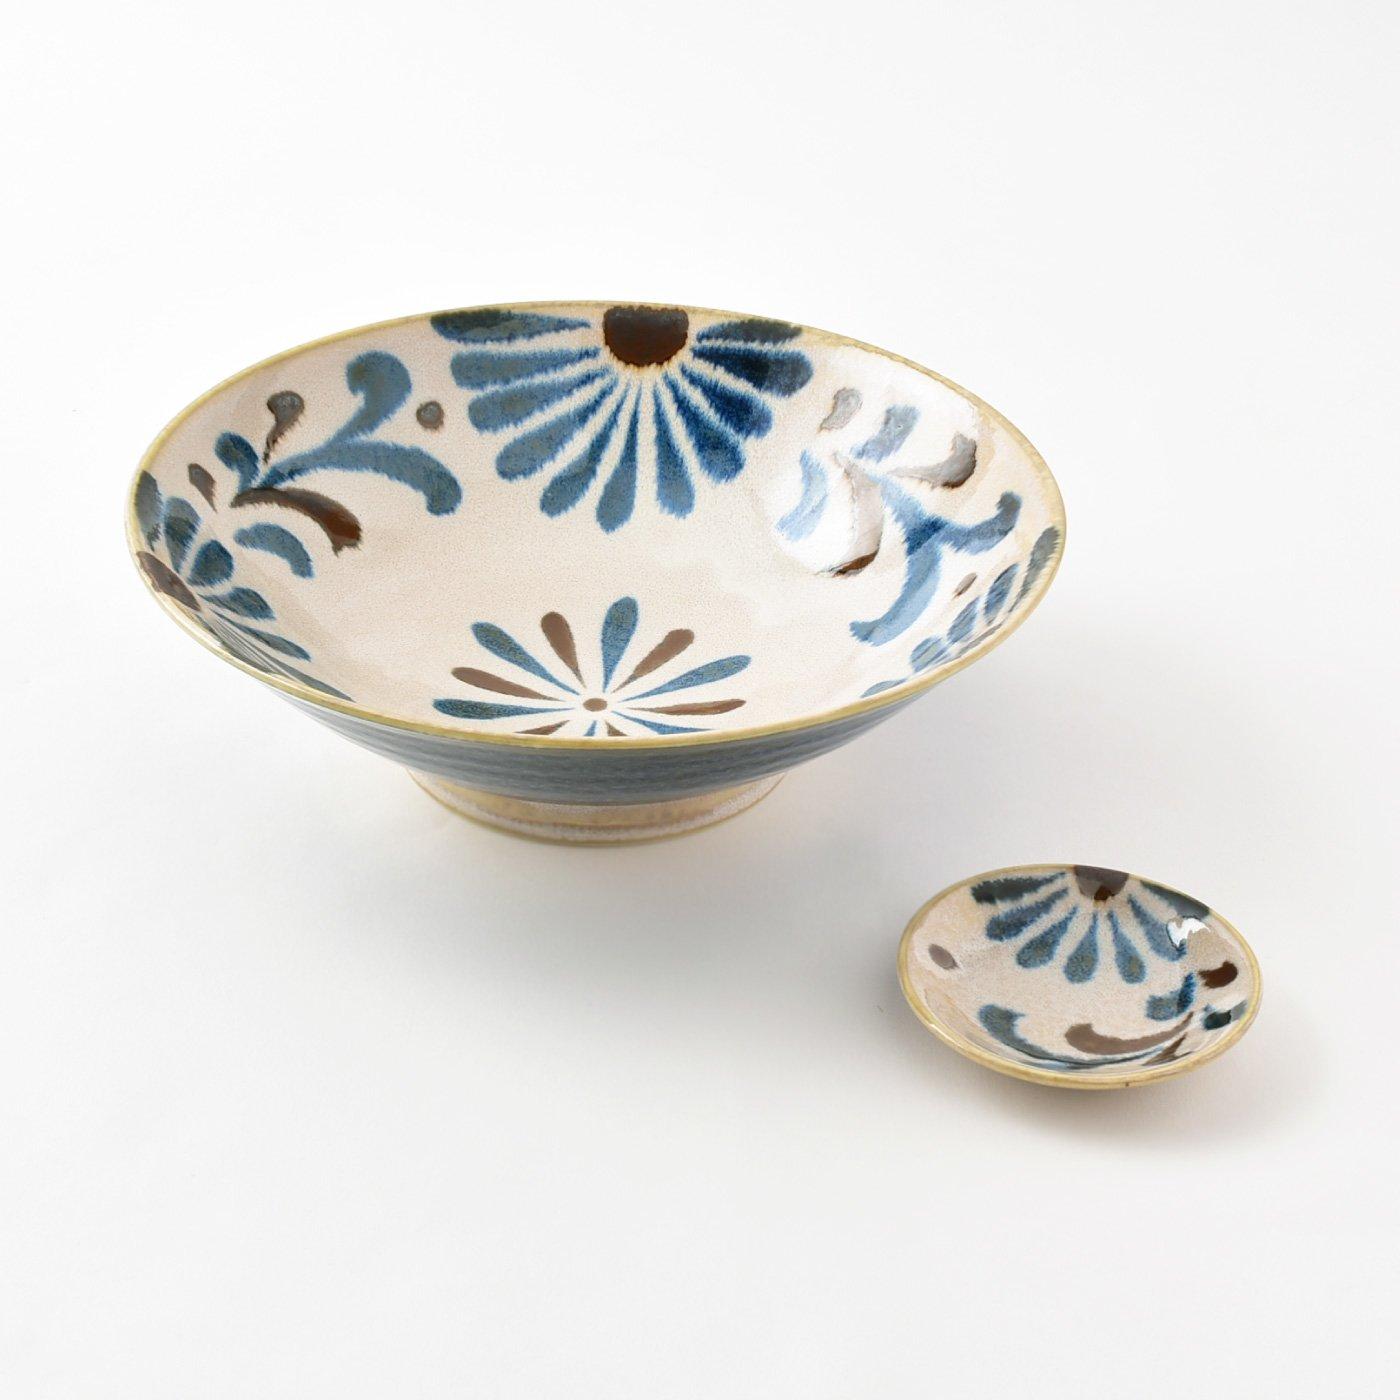 食卓が晴れやかになる海と花のうつわ 高台付き八寸麺鉢と小皿の会(5回予約)